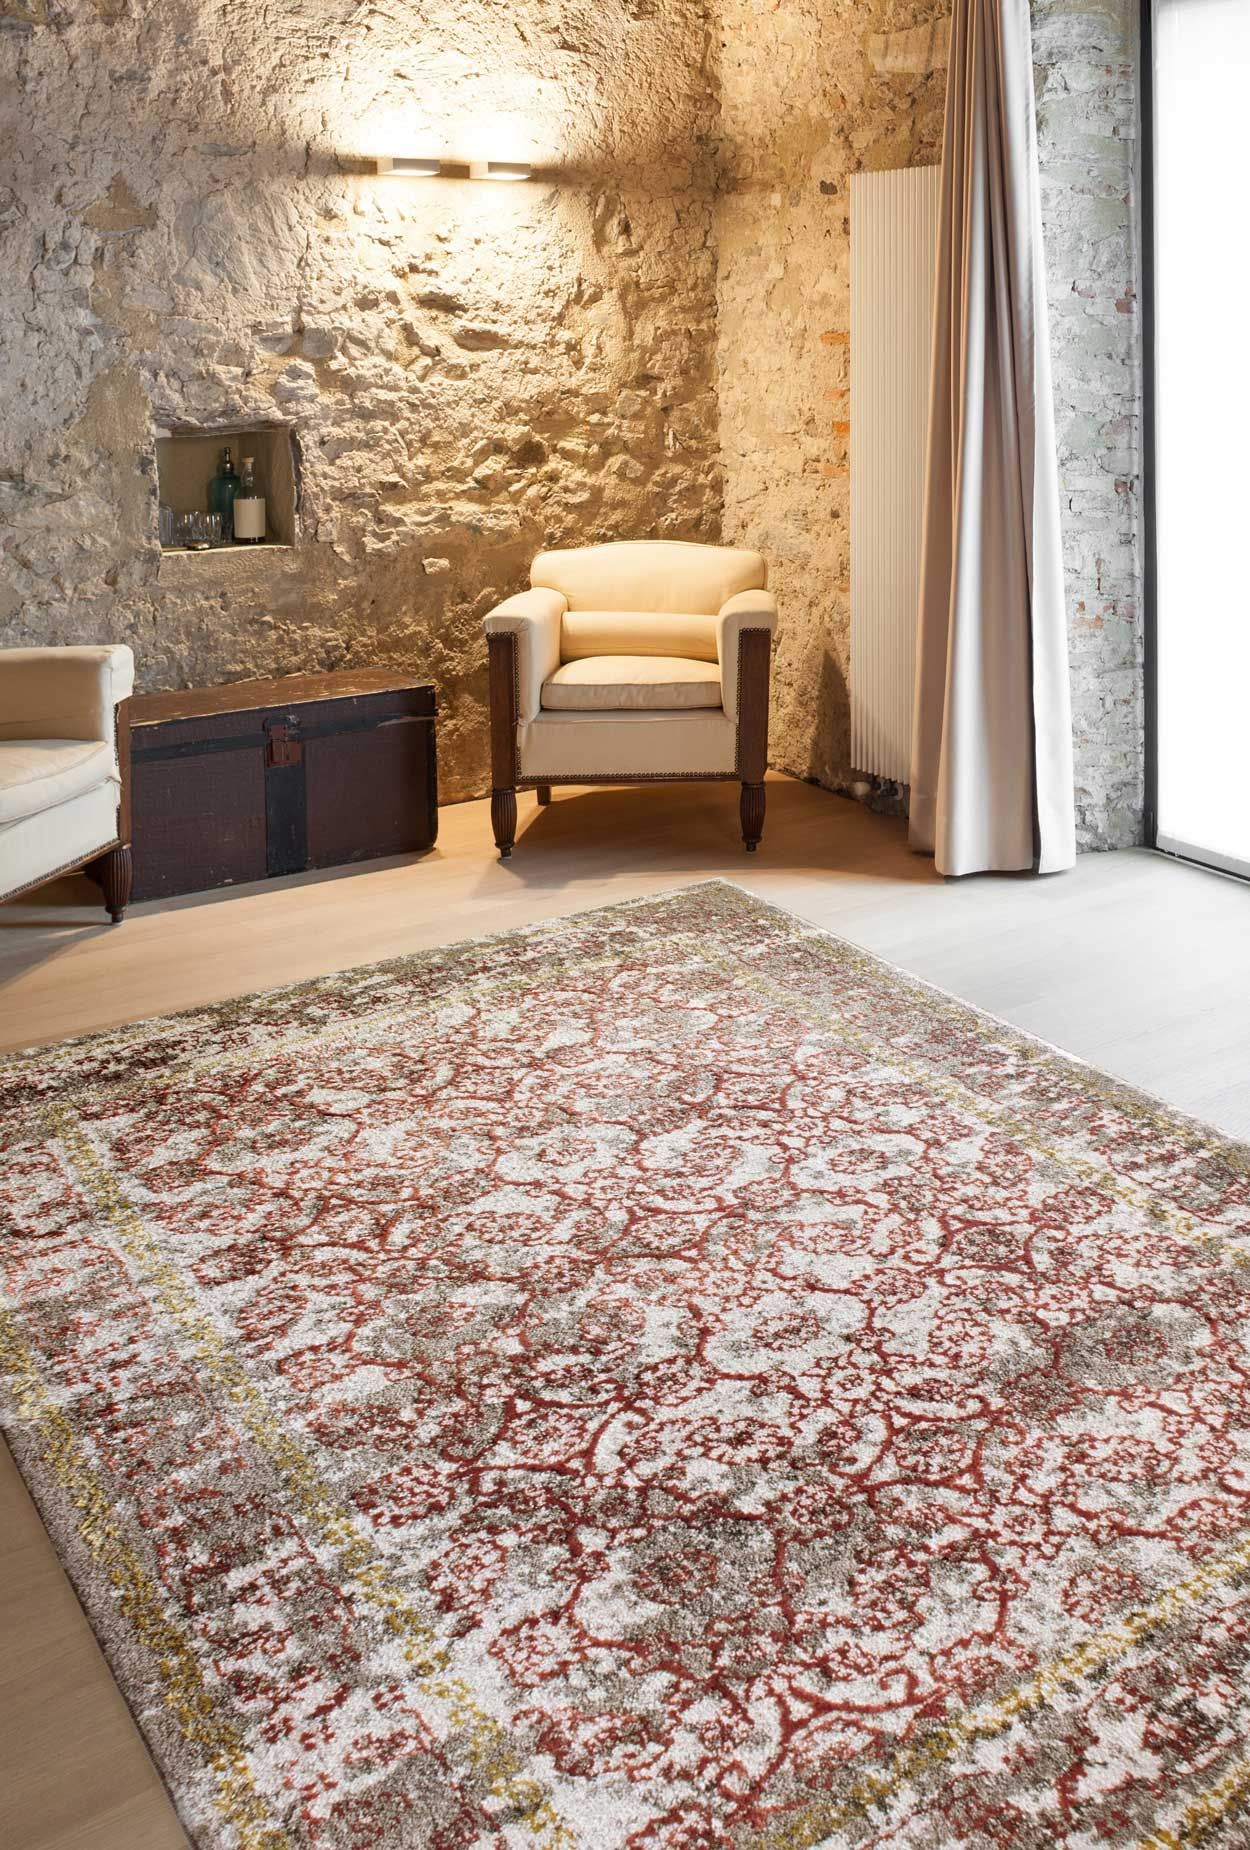 Moderne Teppiche fr Wohnzimmer  Zara Kollektion  gelb beige rot  myneshomede  Kollektion